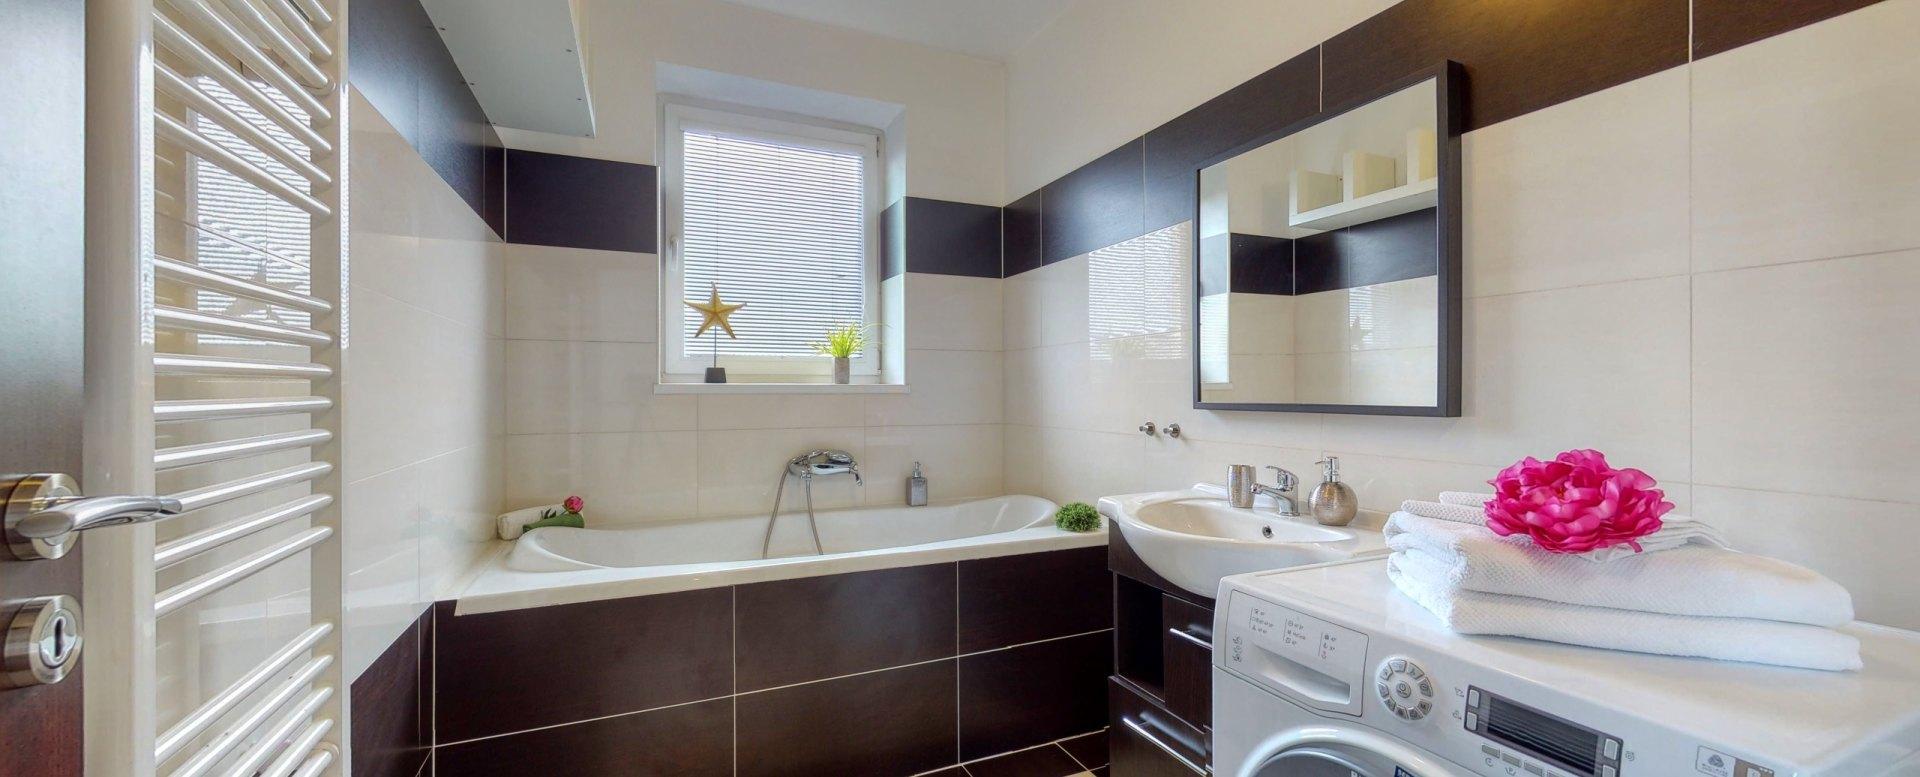 Pohľad do kúpeľne s vaňou a práčkou